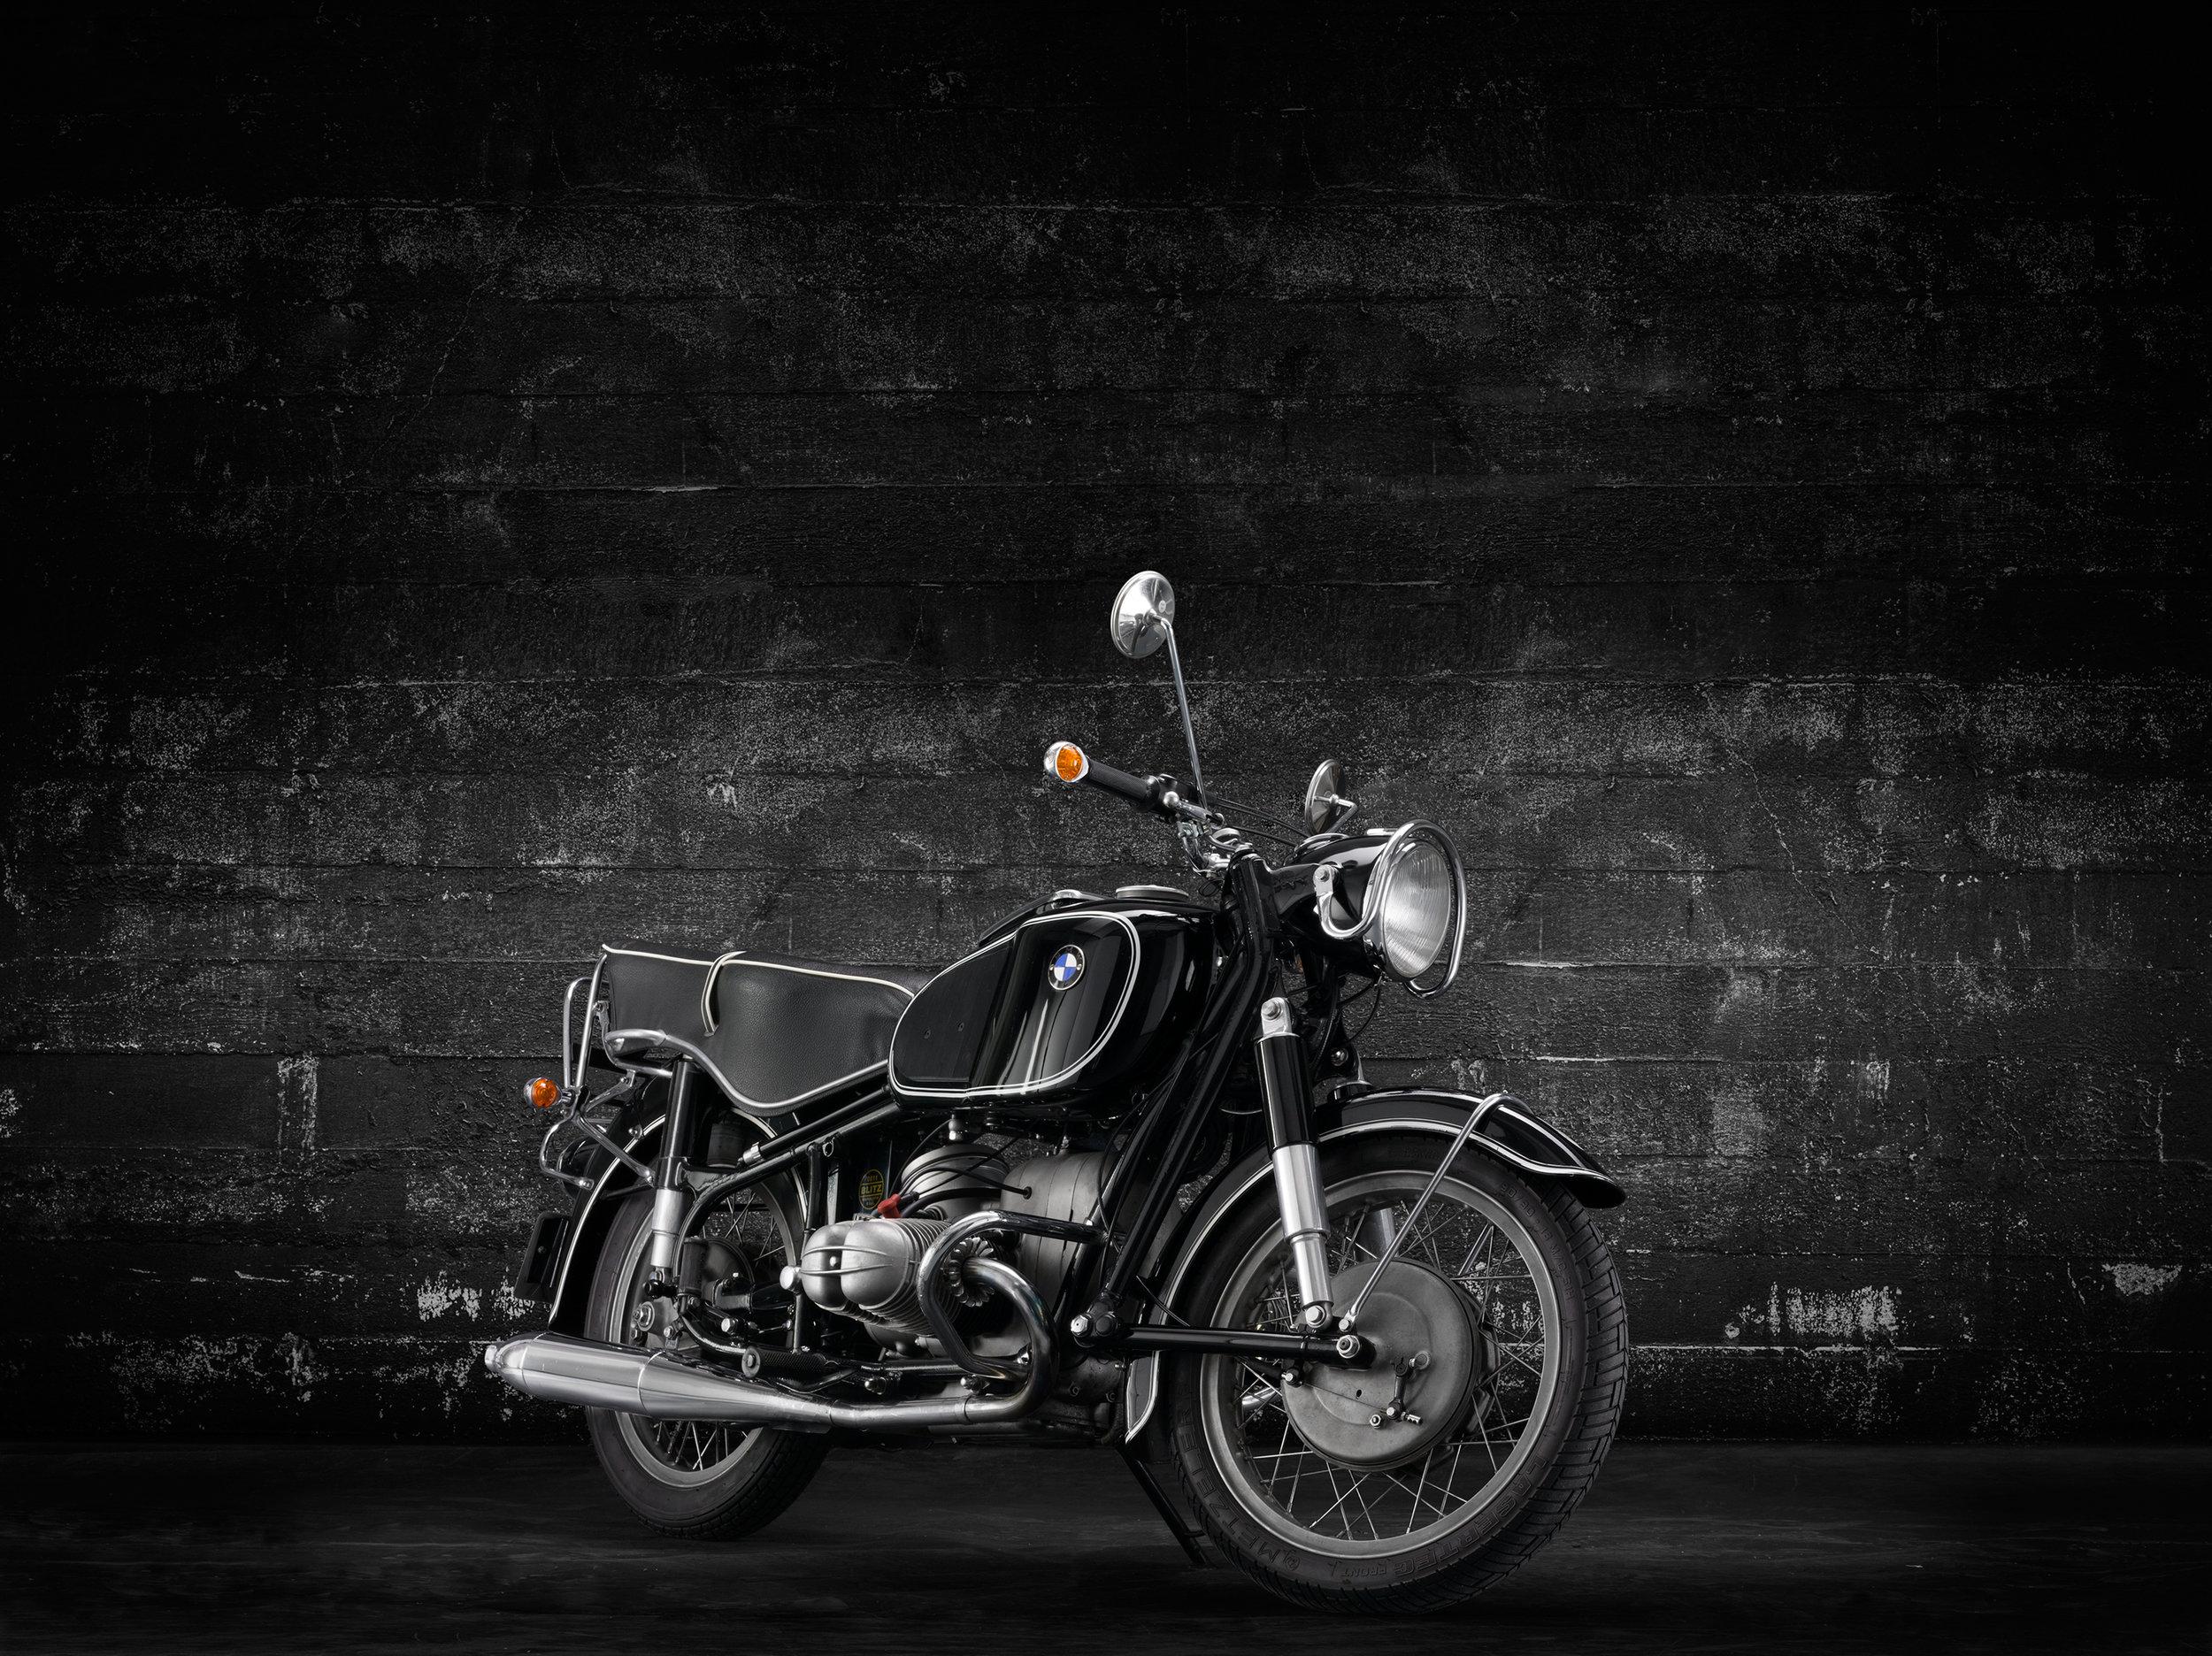 BMW-R69-3_4-RHS copy.jpg